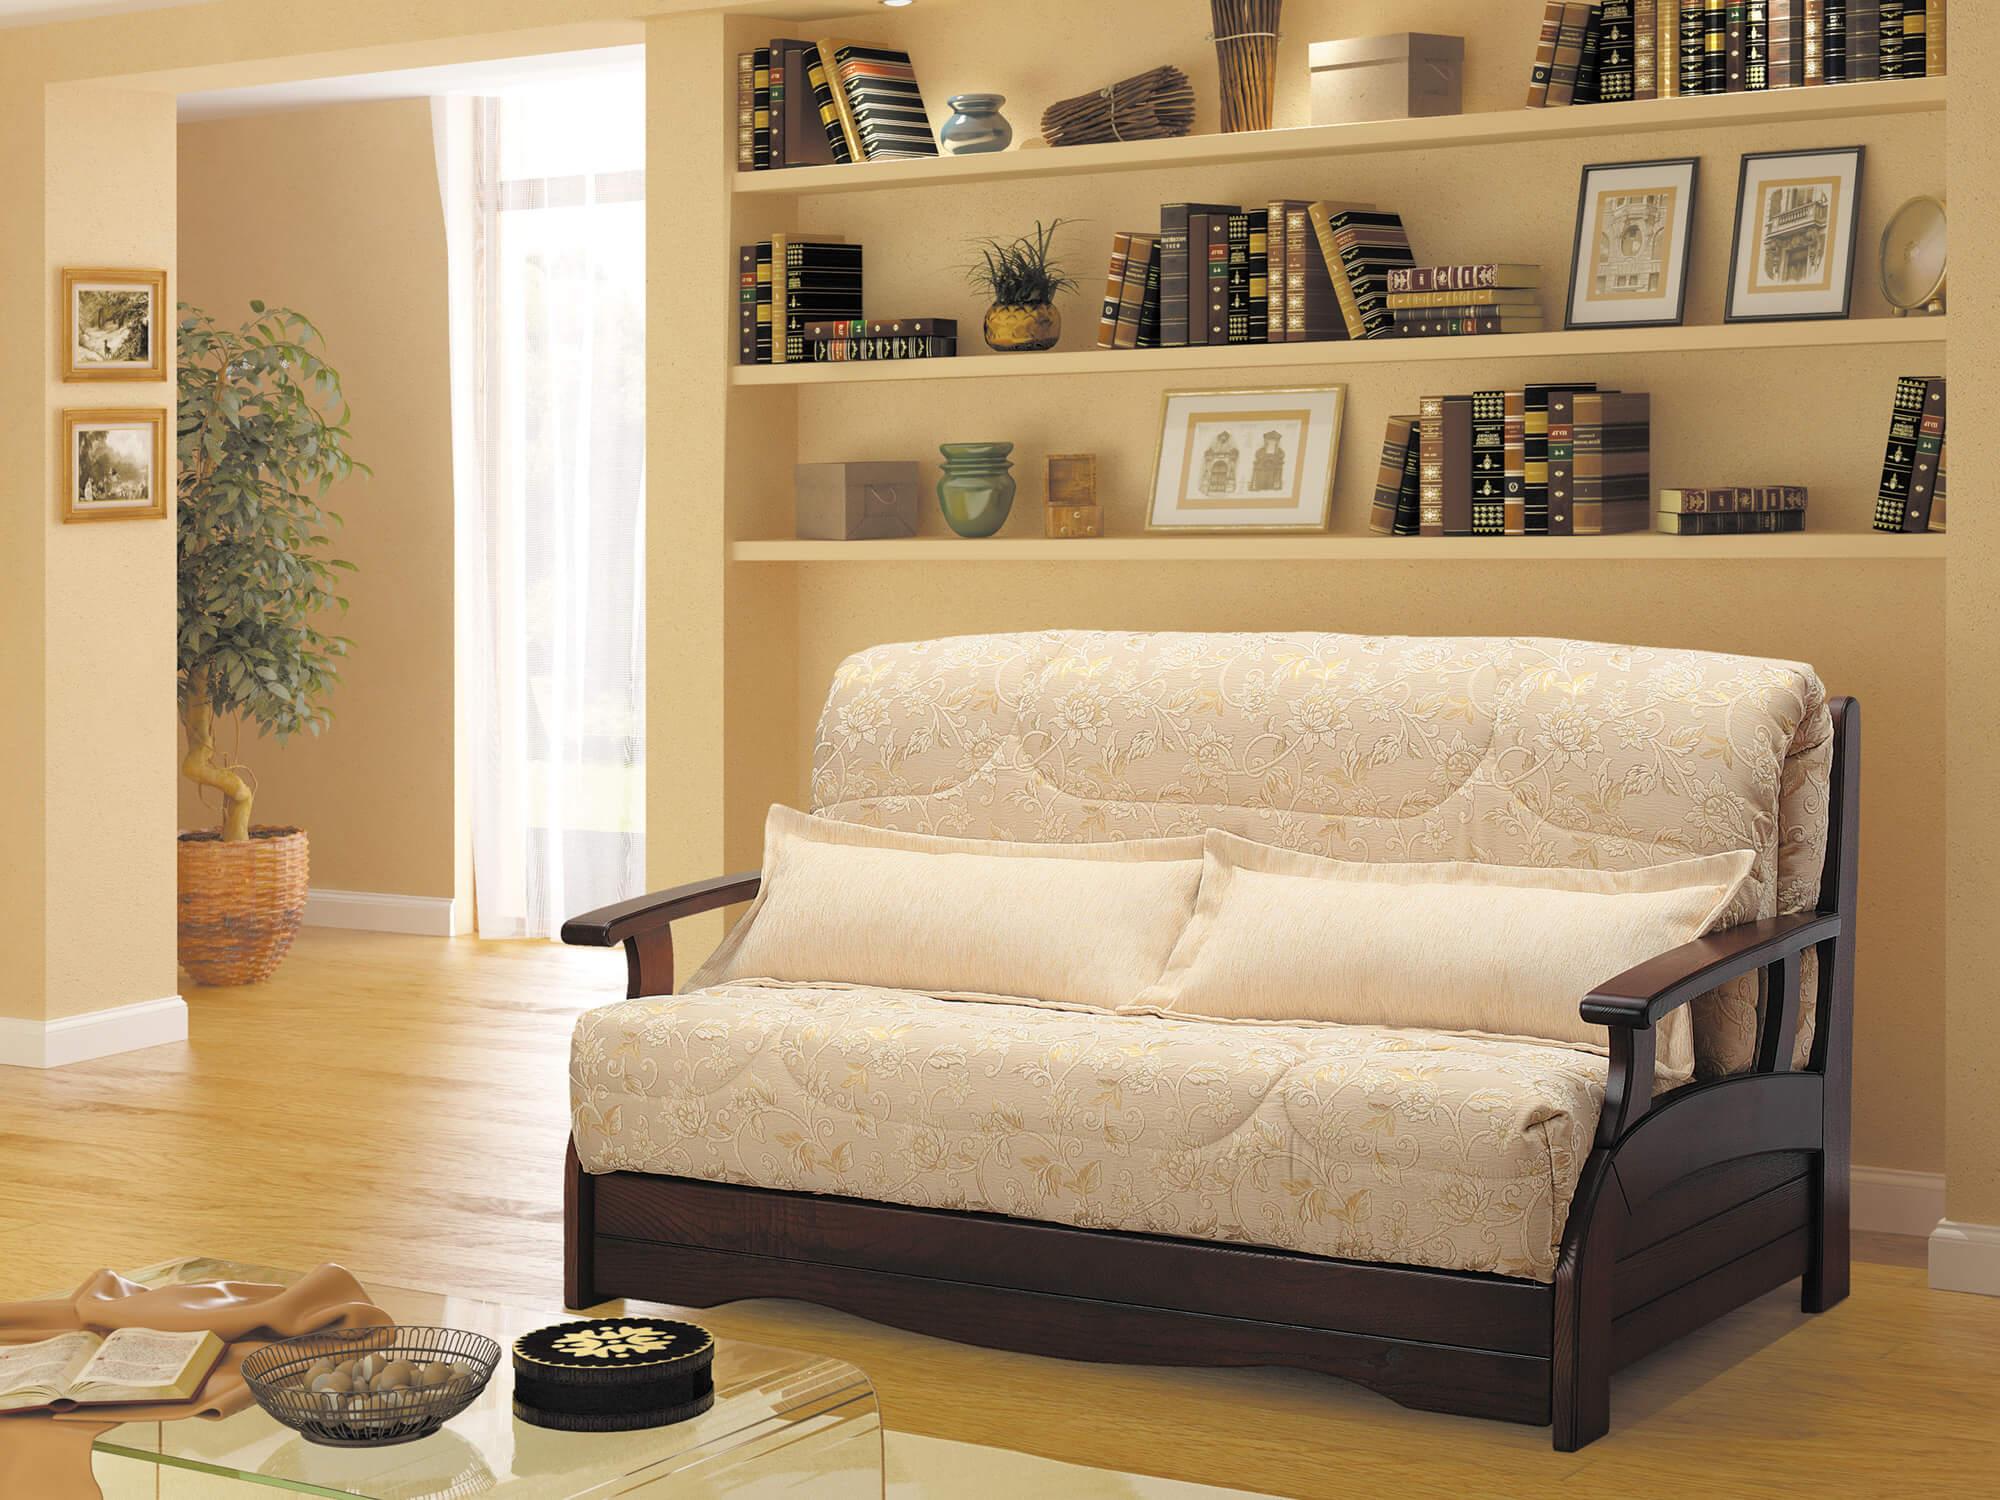 фото дивана с ортопедическим матрасом